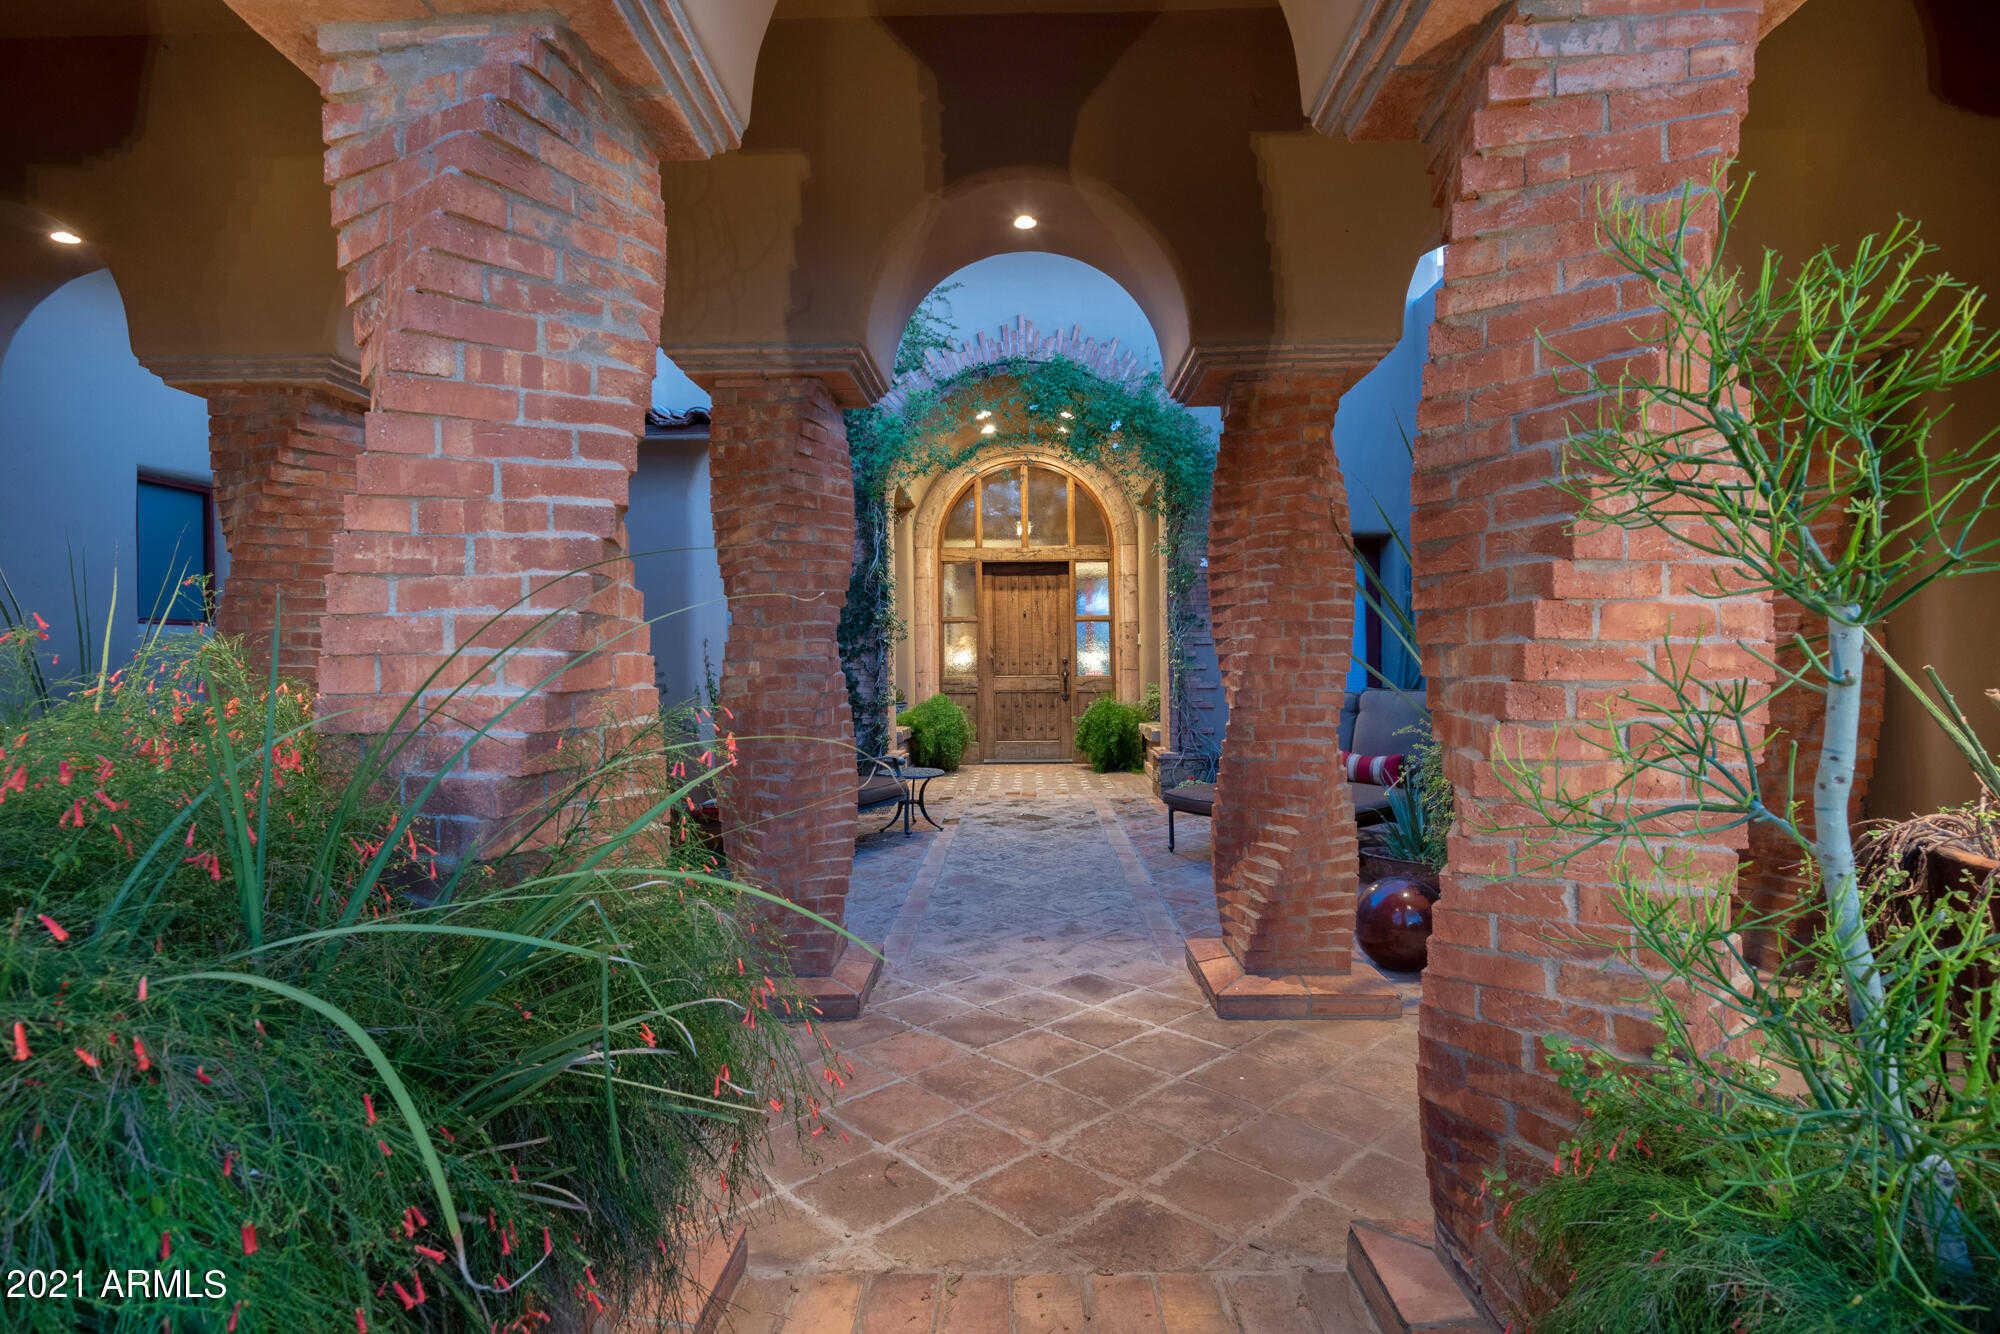 $3,425,000 - 5Br/6Ba - Home for Sale in The Goldie Brown Pinnacle Peak Ranch, Scottsdale